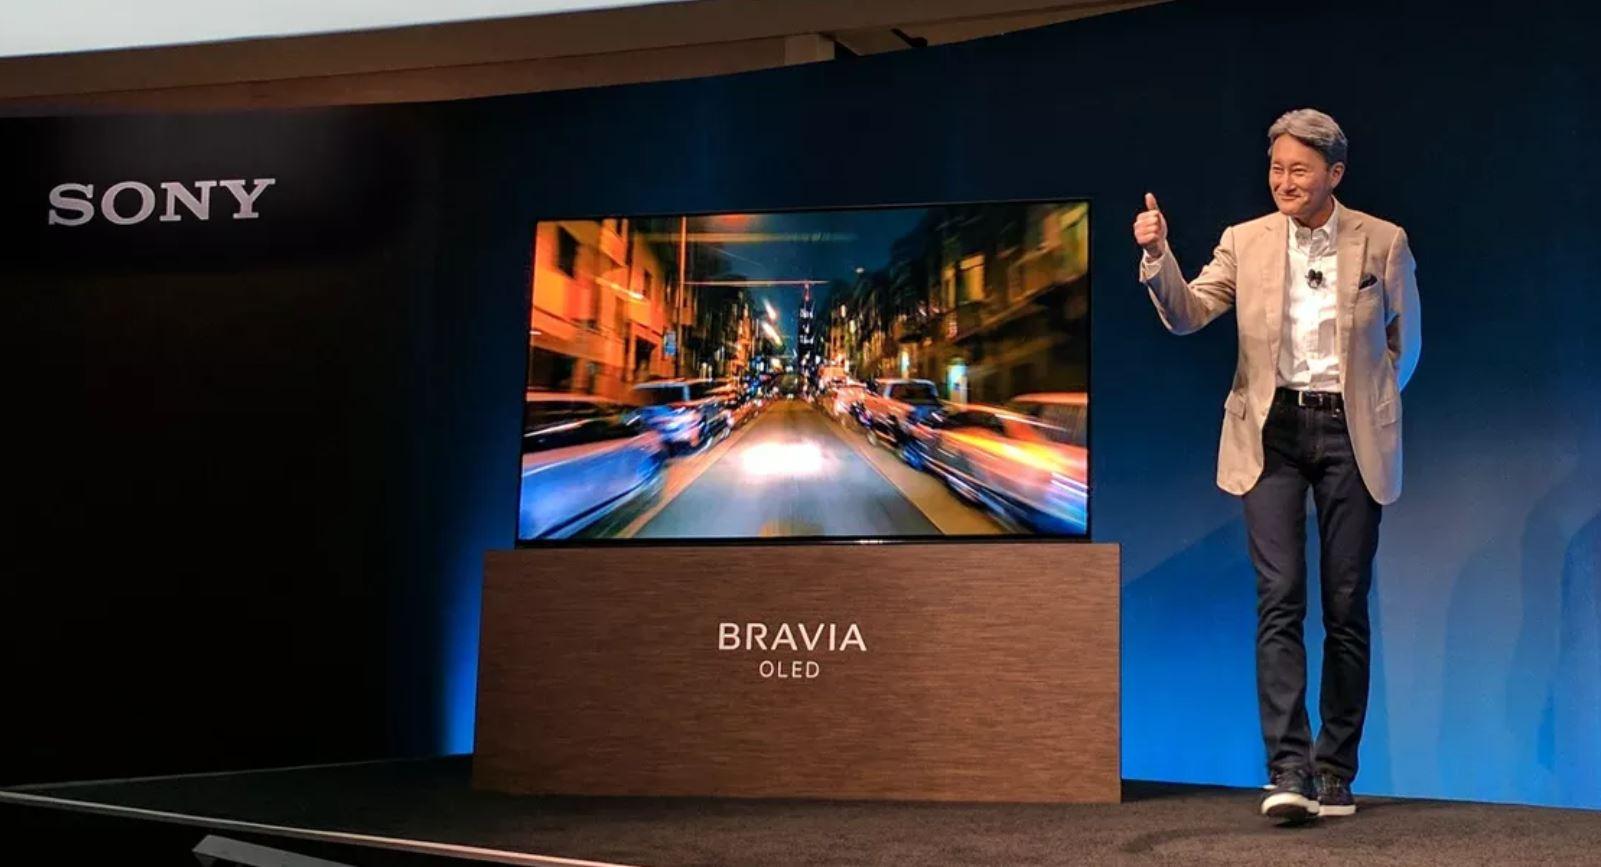 cb452e17f PC Revue | Televízory Sony BRAVIA MASTER Series s exkluzívnym ...